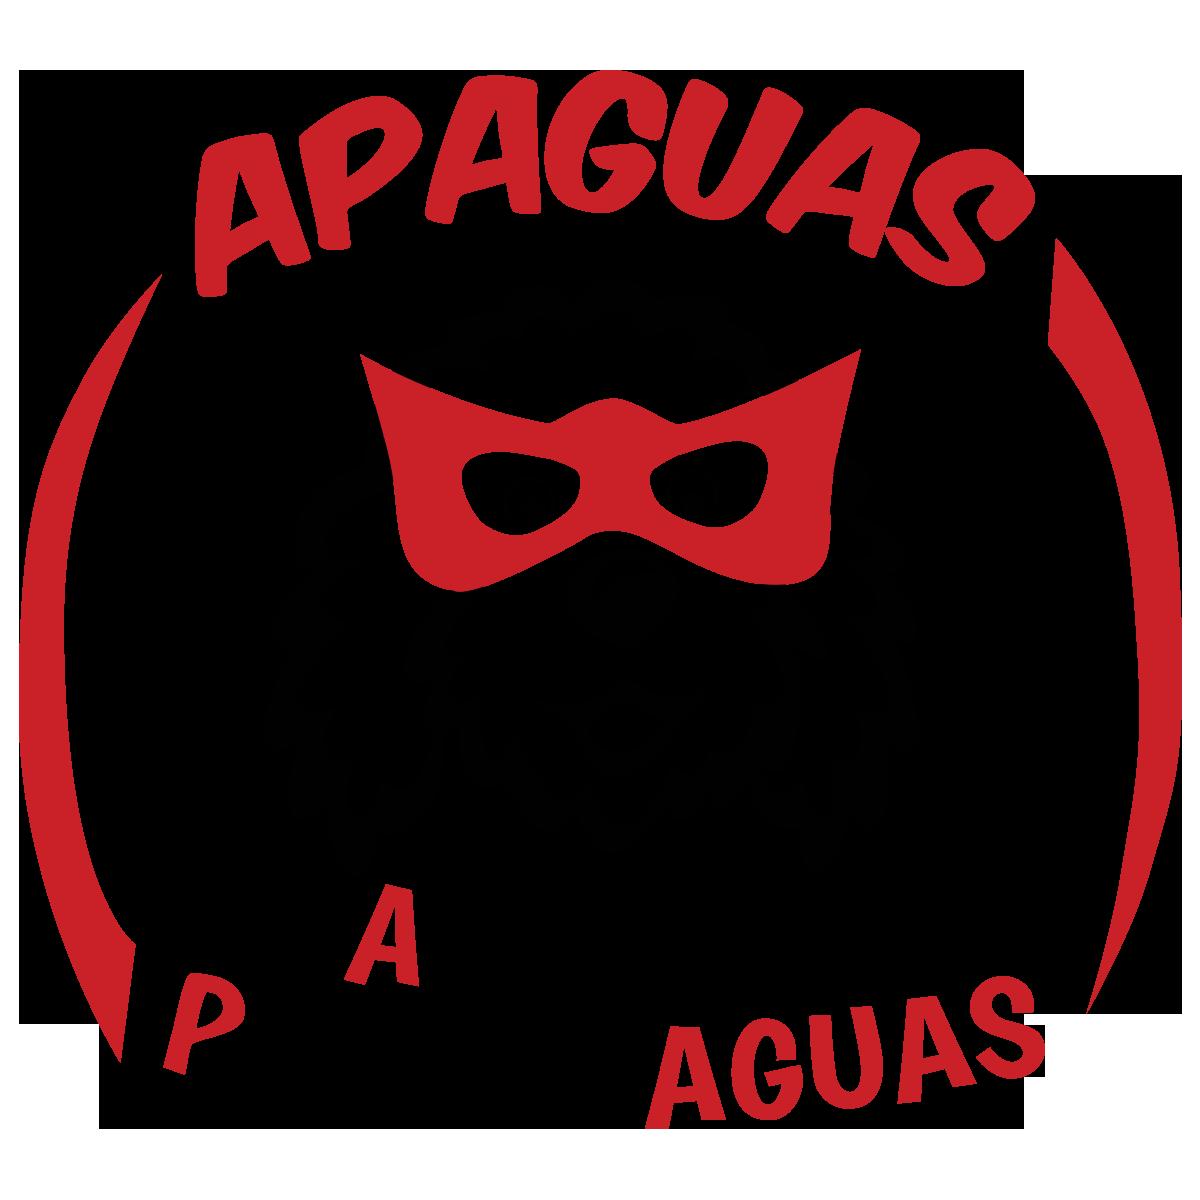 Protectora APAGUAS